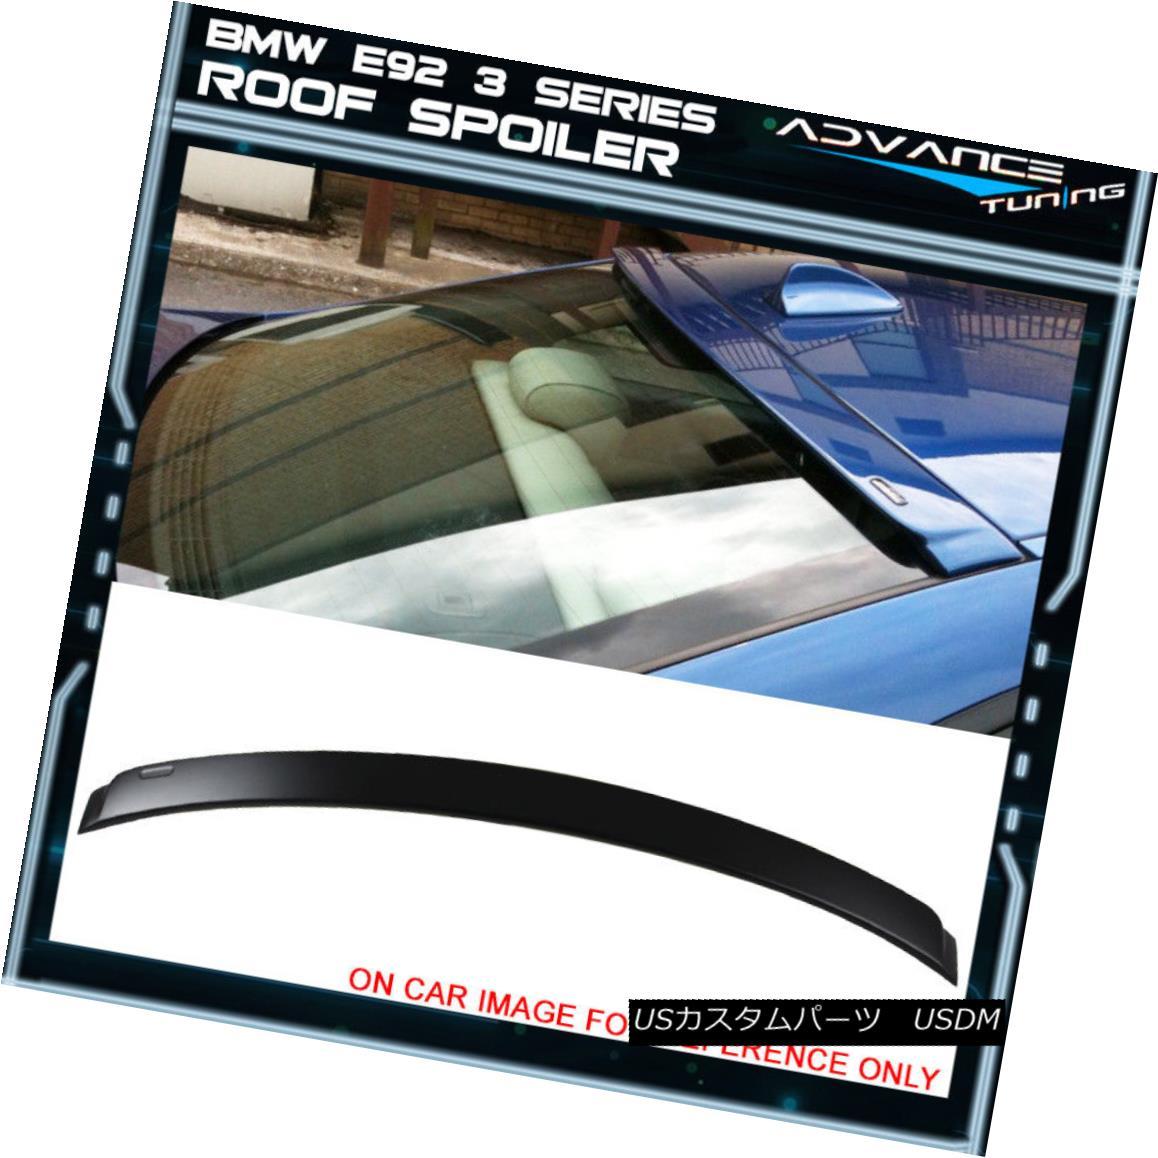 エアロパーツ 07-13 BMW 3 Series E92 Coupe 2Dr 2Door Unpainted ABS Rear AC Style Roof Spoiler 07-13 BMW 3シリーズE92クーペ2Dr 2アール未塗装ABSリアACスタイルルーフスポイラー